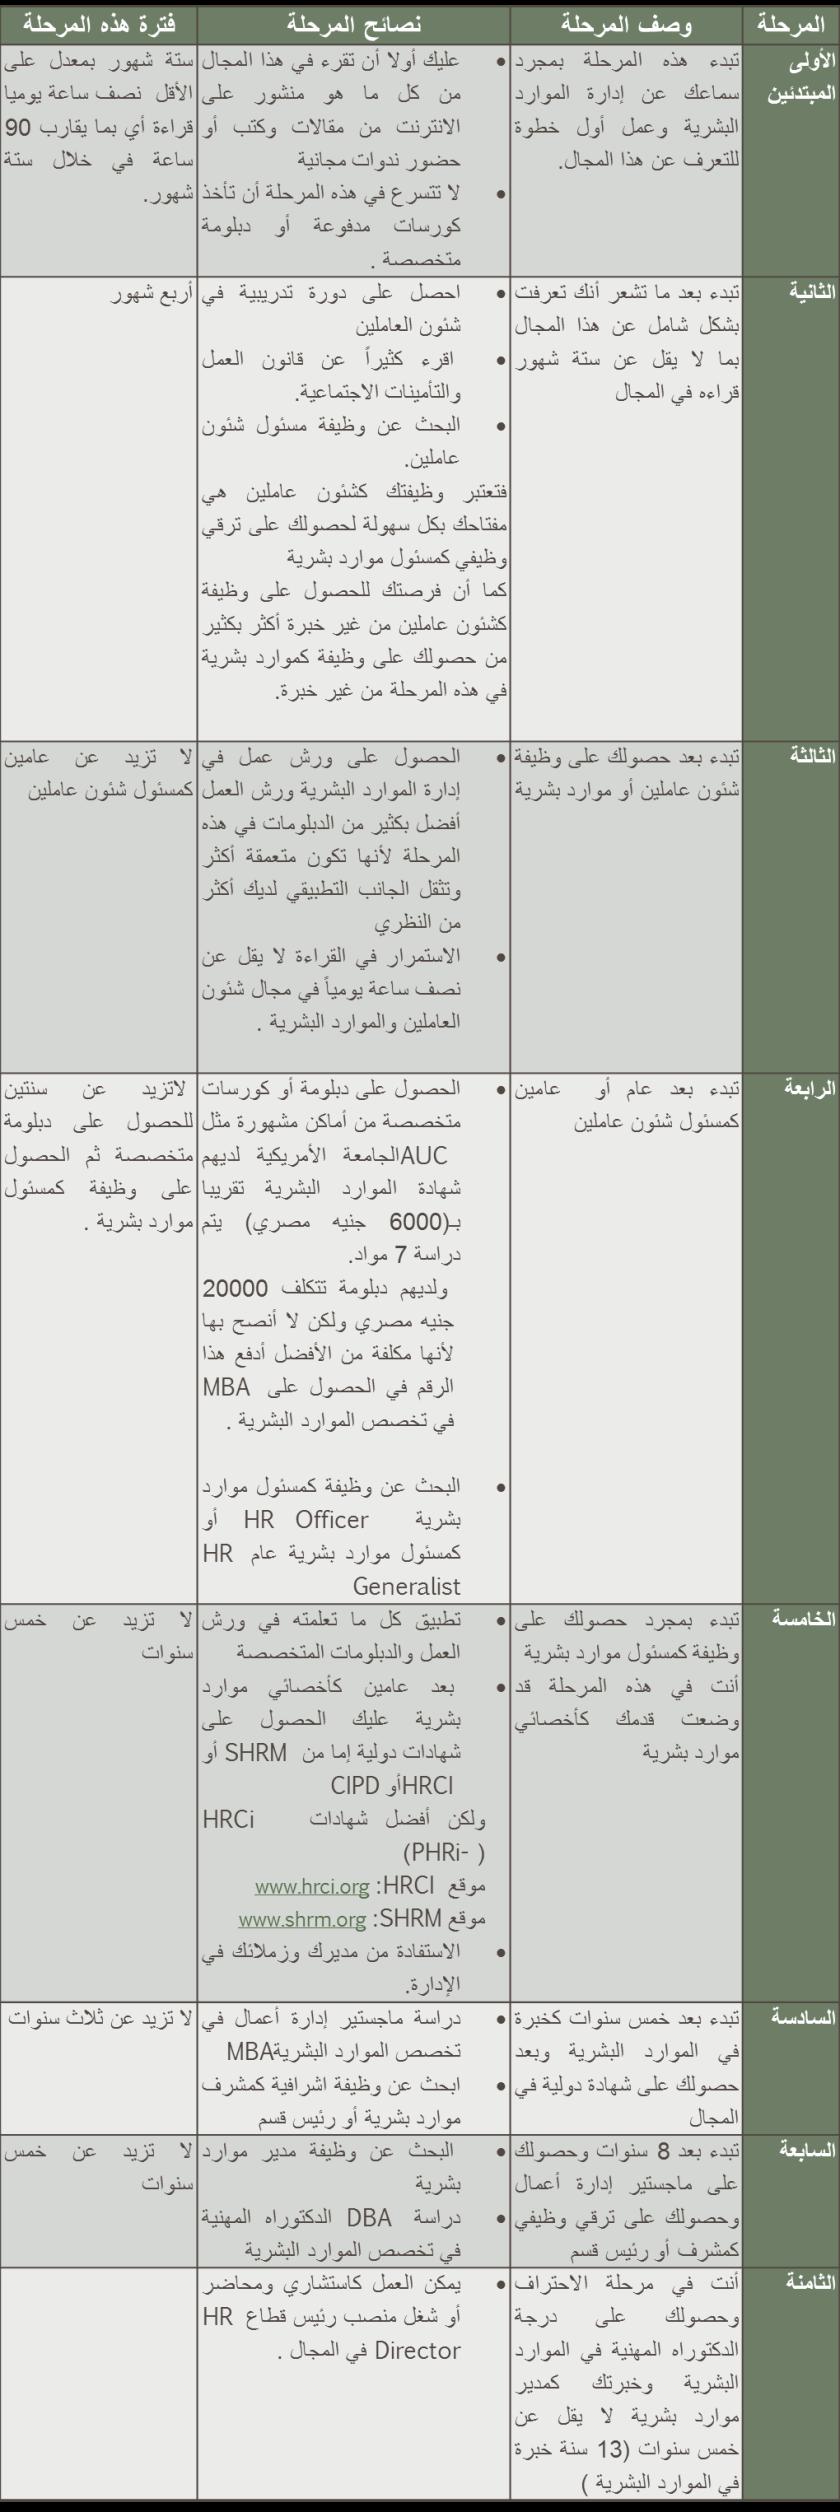 مراحل احتراف الموارد البشرية